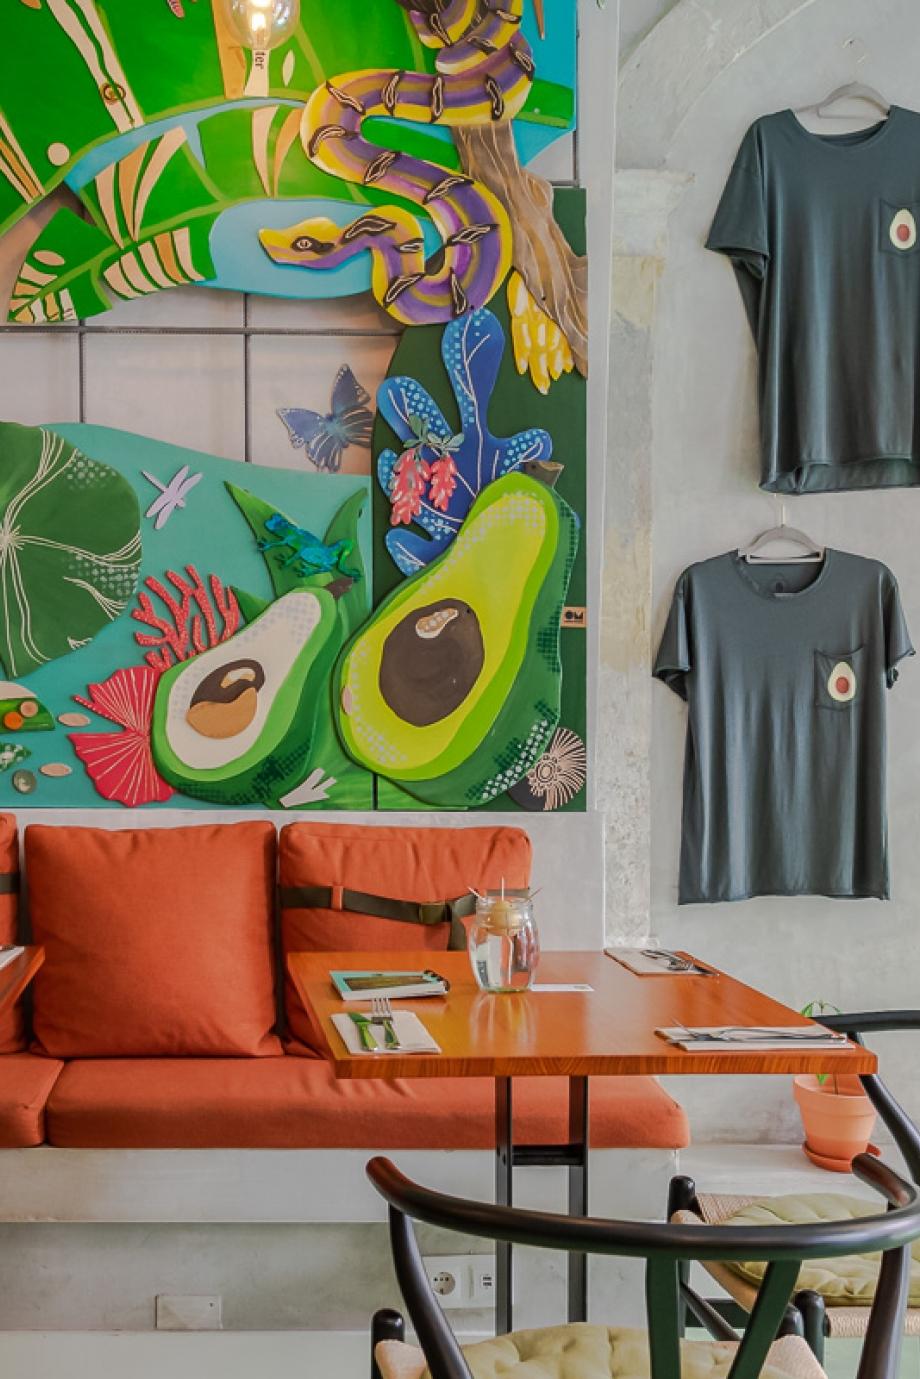 Lisboa Cool_Comer_Avocado House